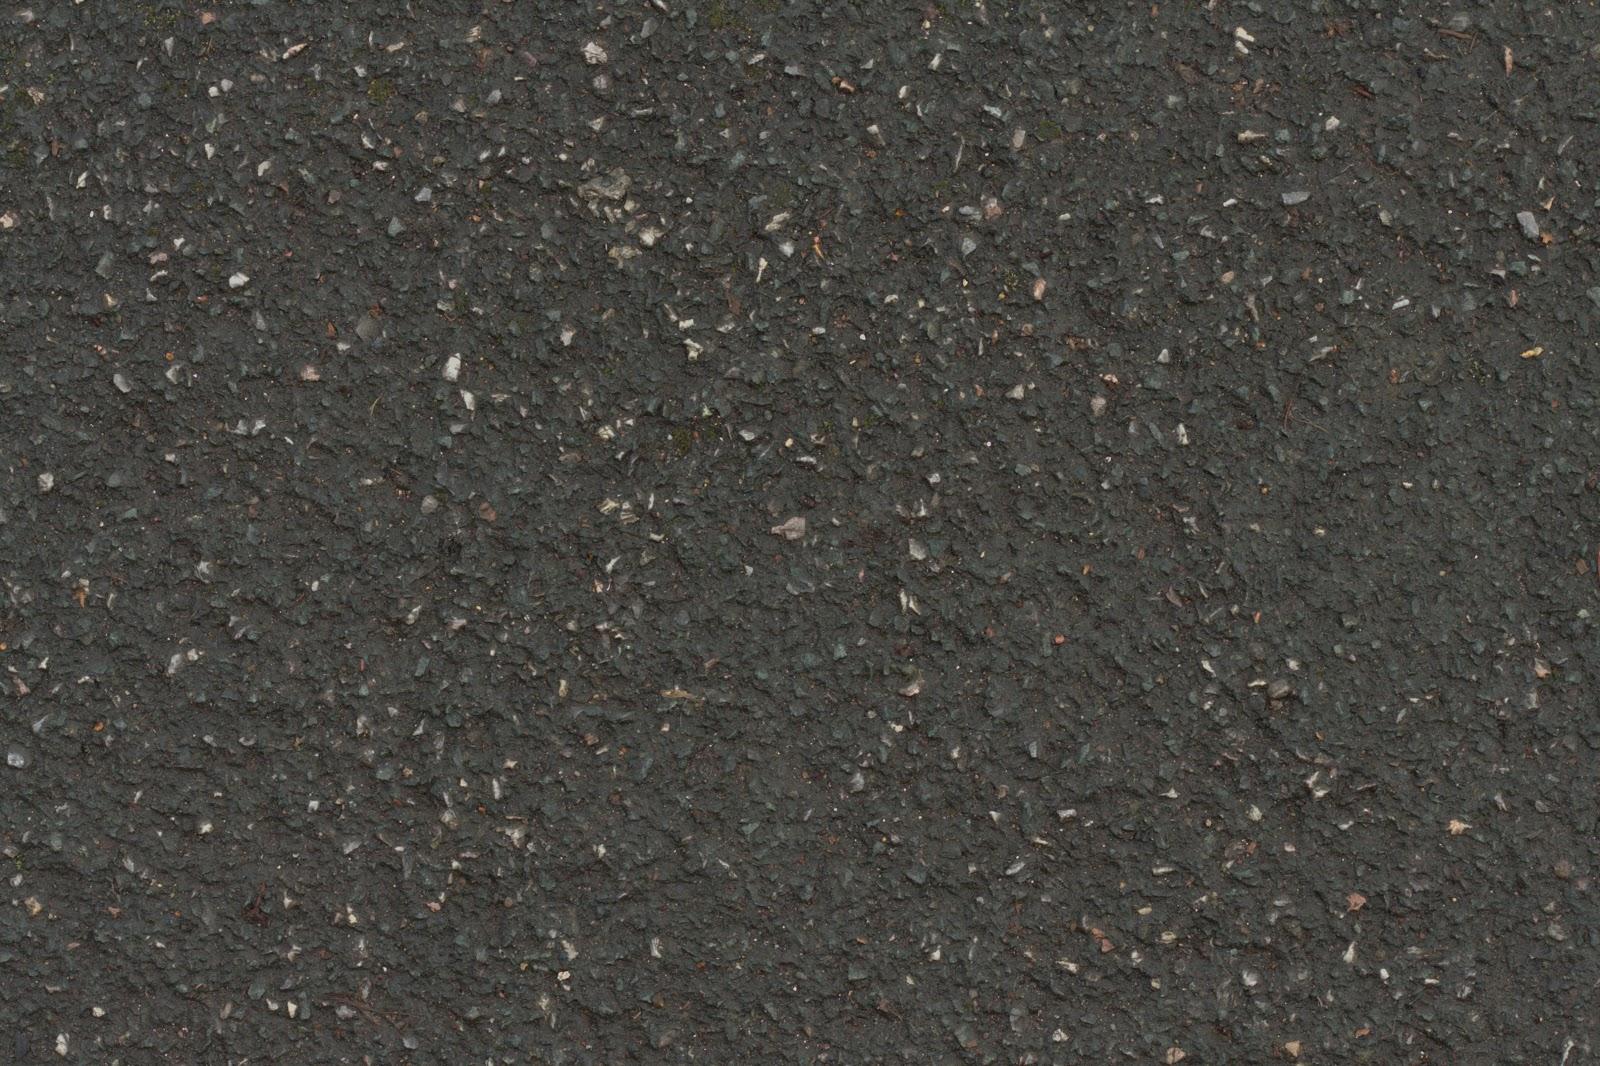 High Resolution Seamless Textures: Asphalt road wet ...